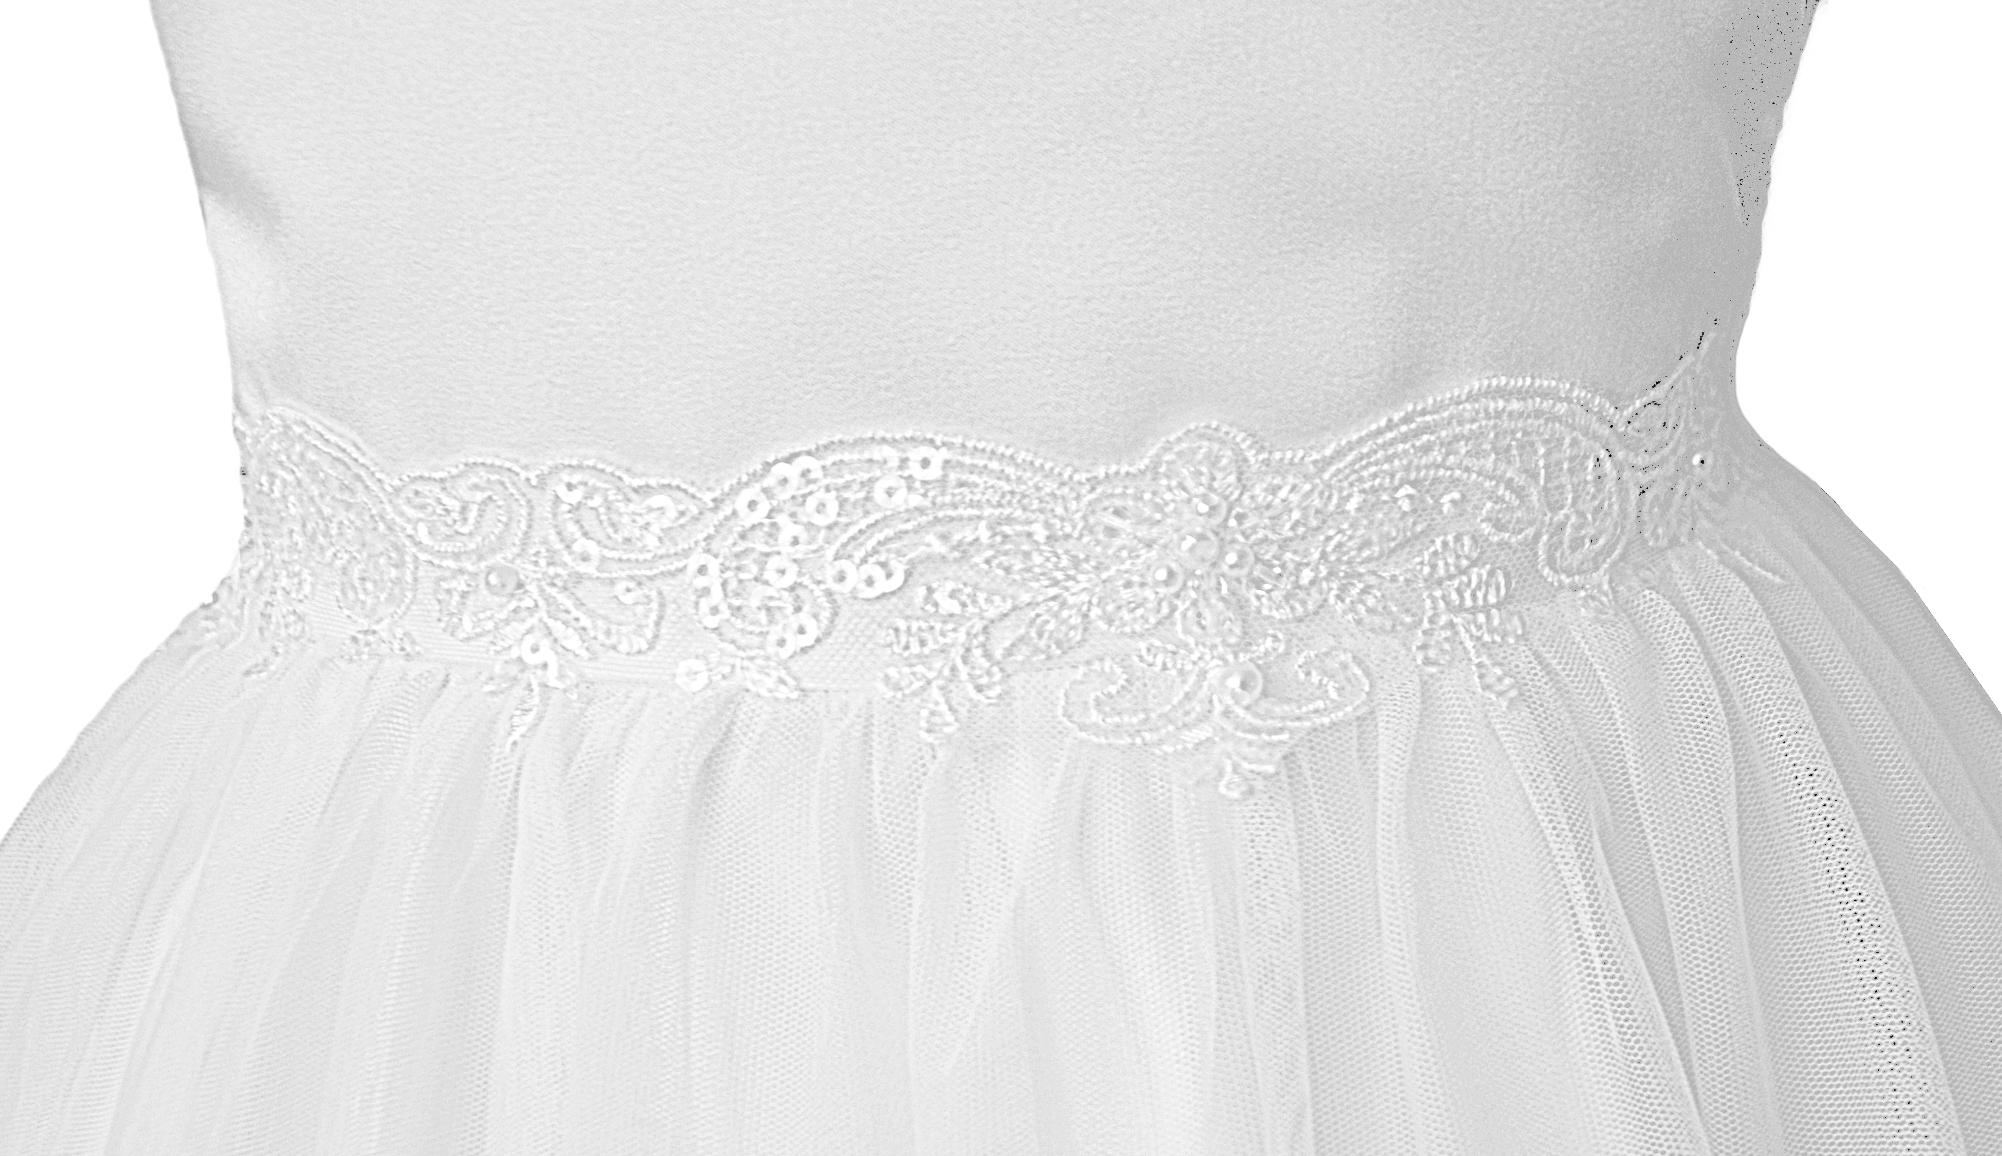 suknia dla dziewczynki komunijna nowa kolekcja